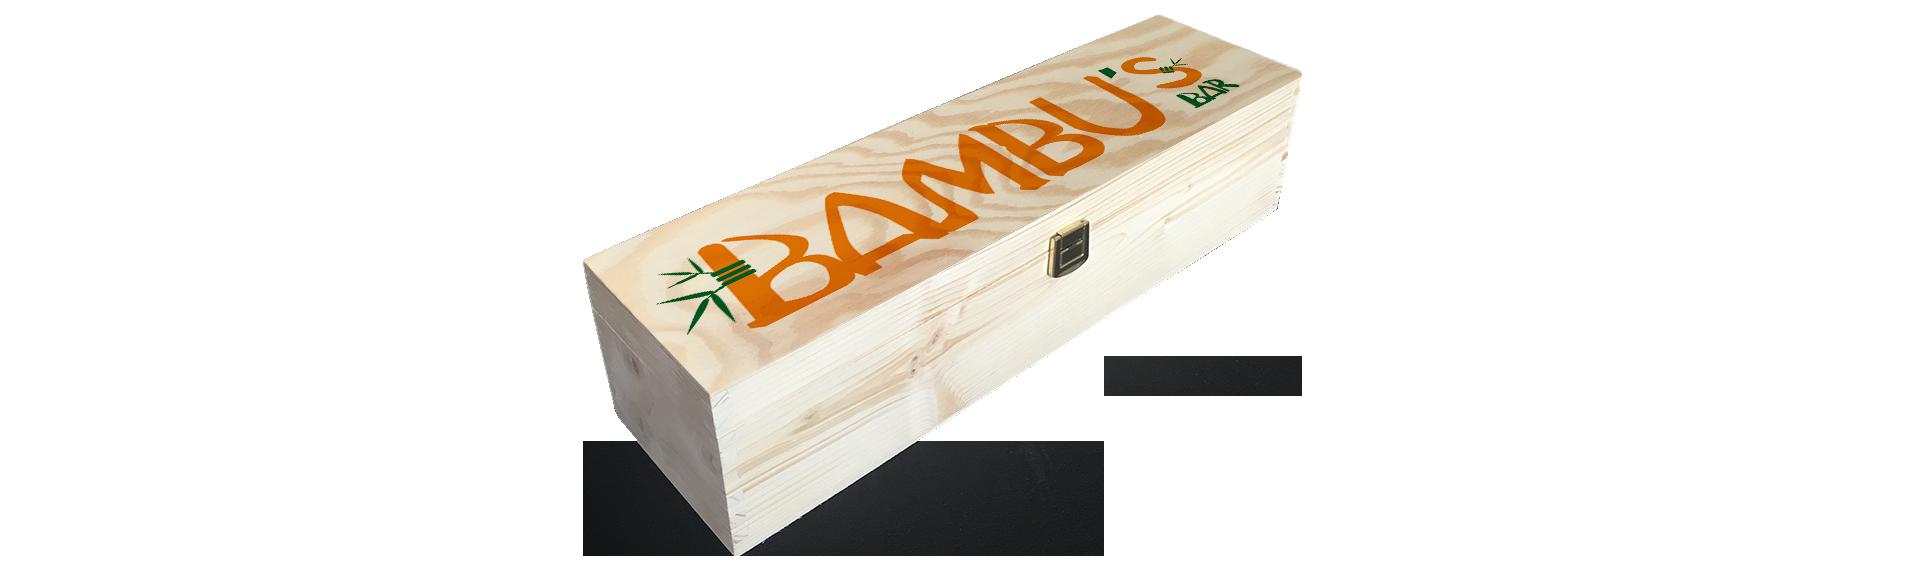 Bambus Bar | Holzkiste Weinkiste bedruckt